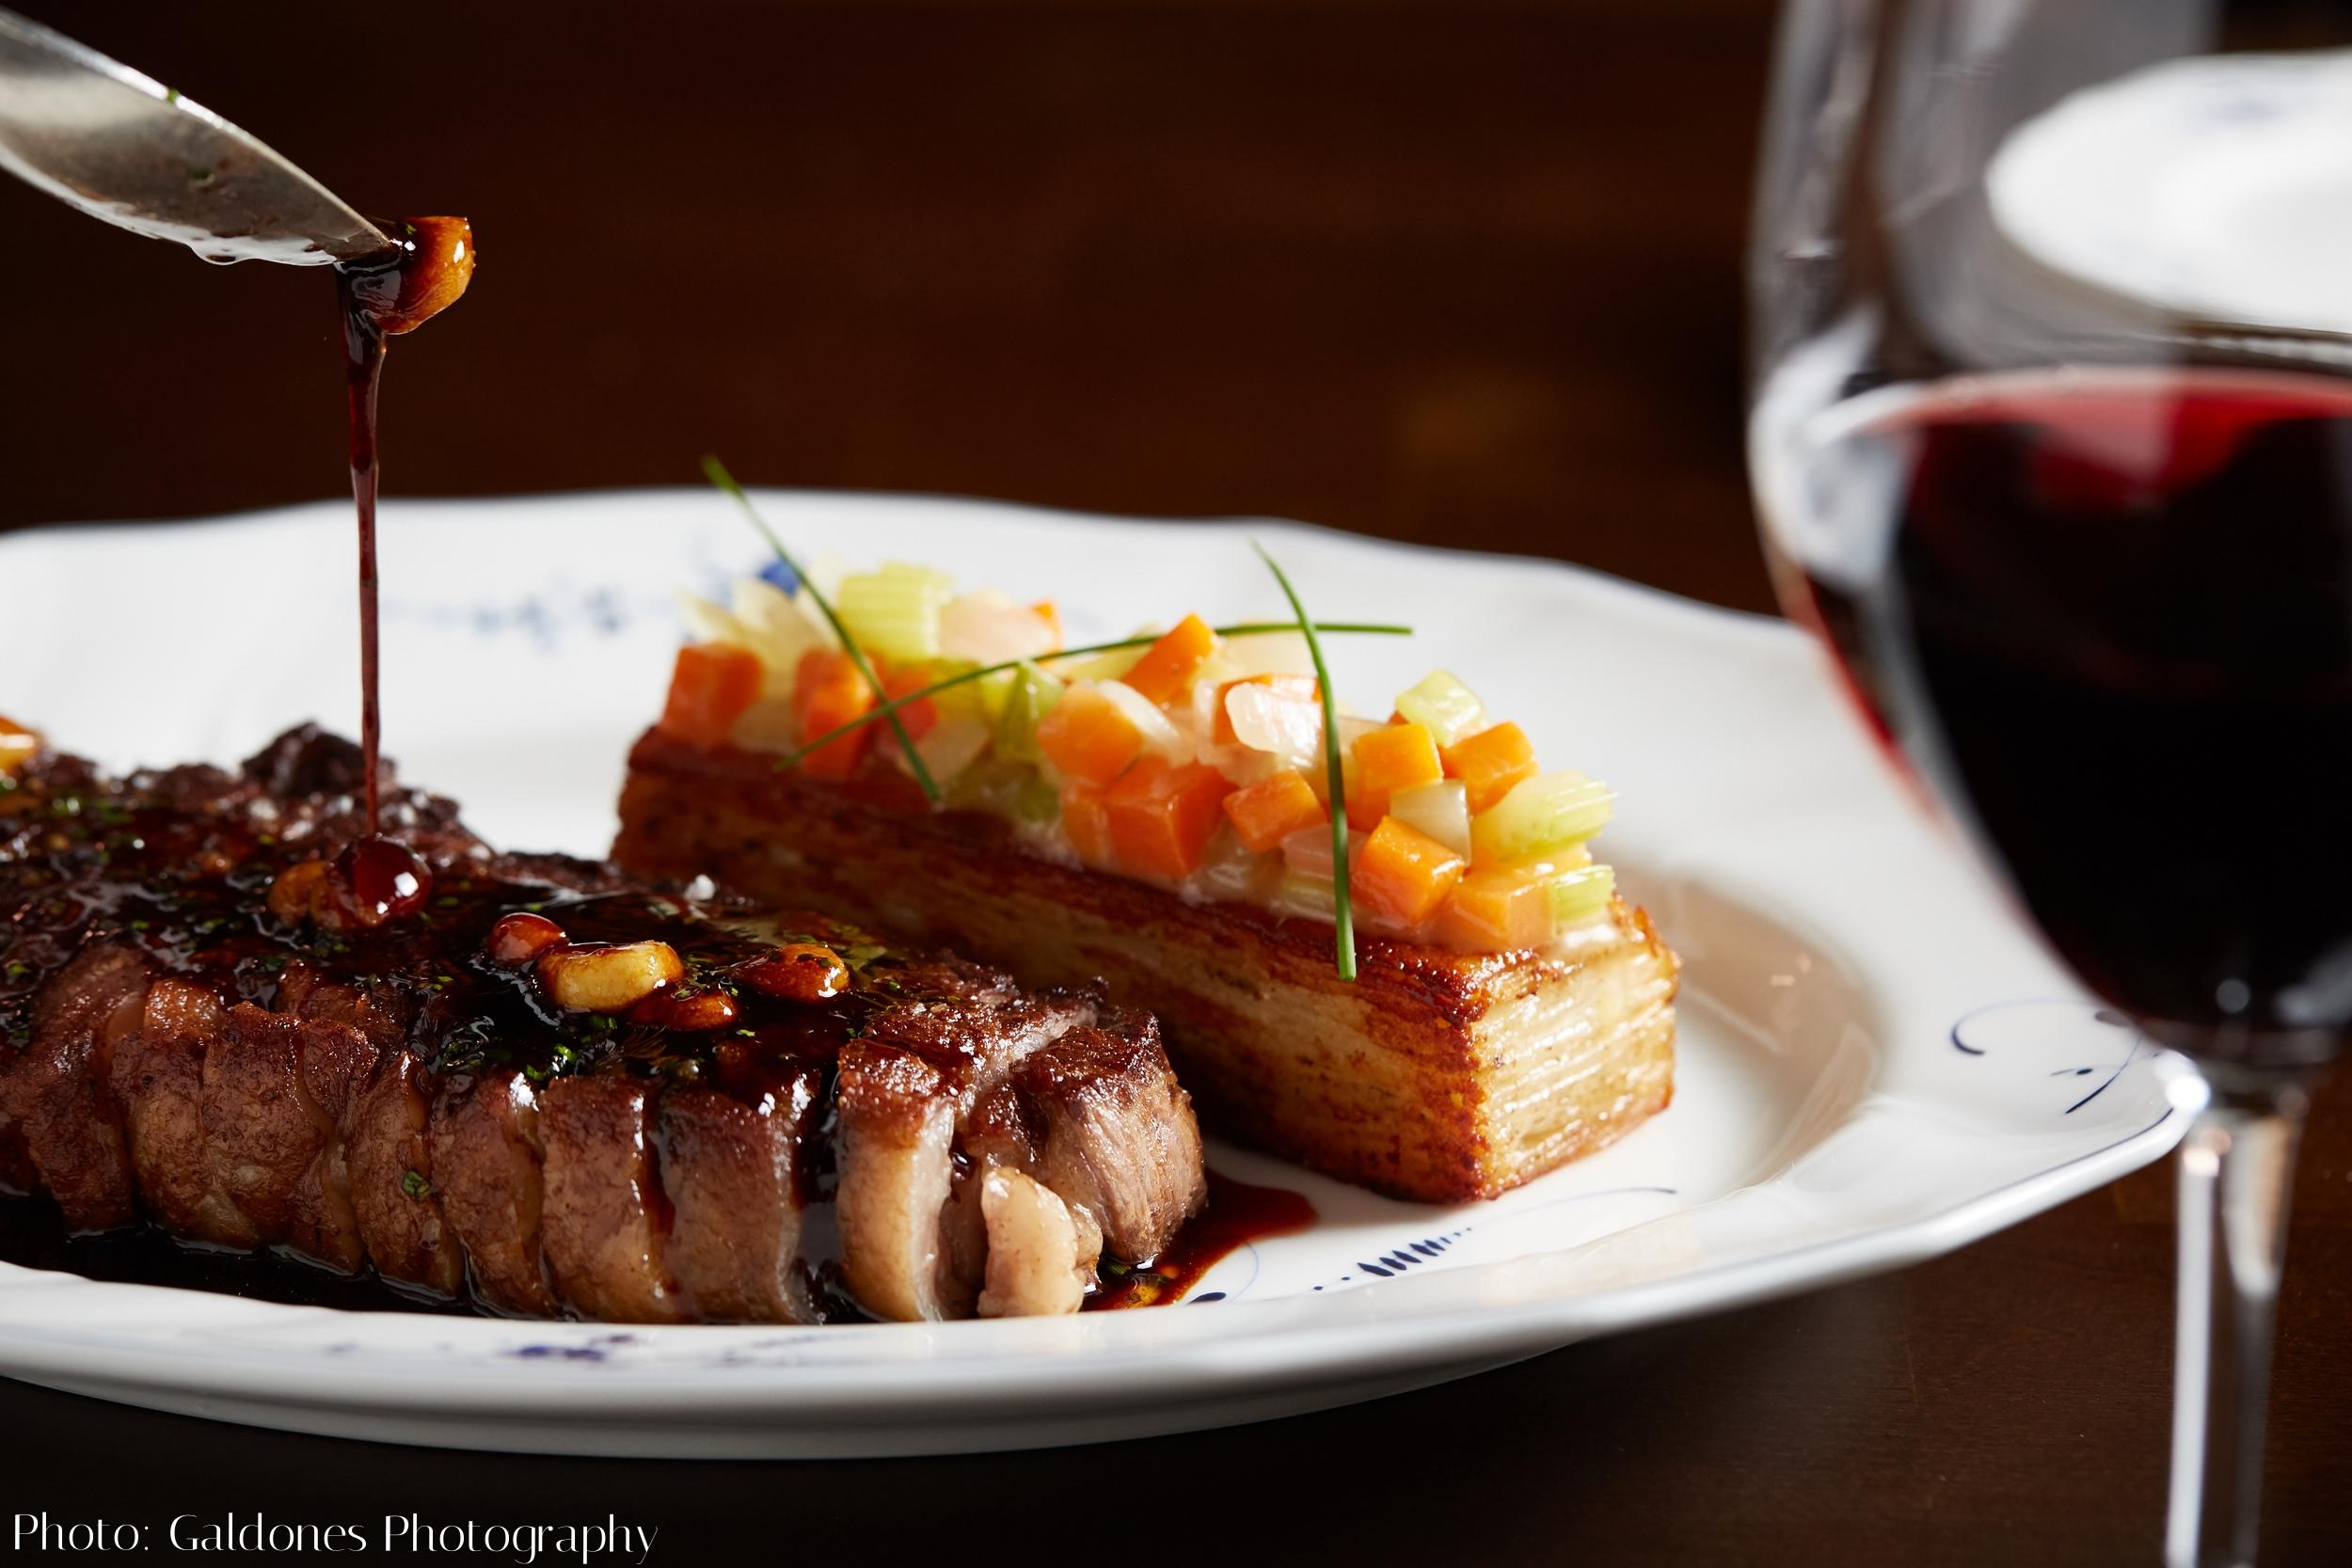 Beacon_Dinner_Steak_051216_HG.jpg